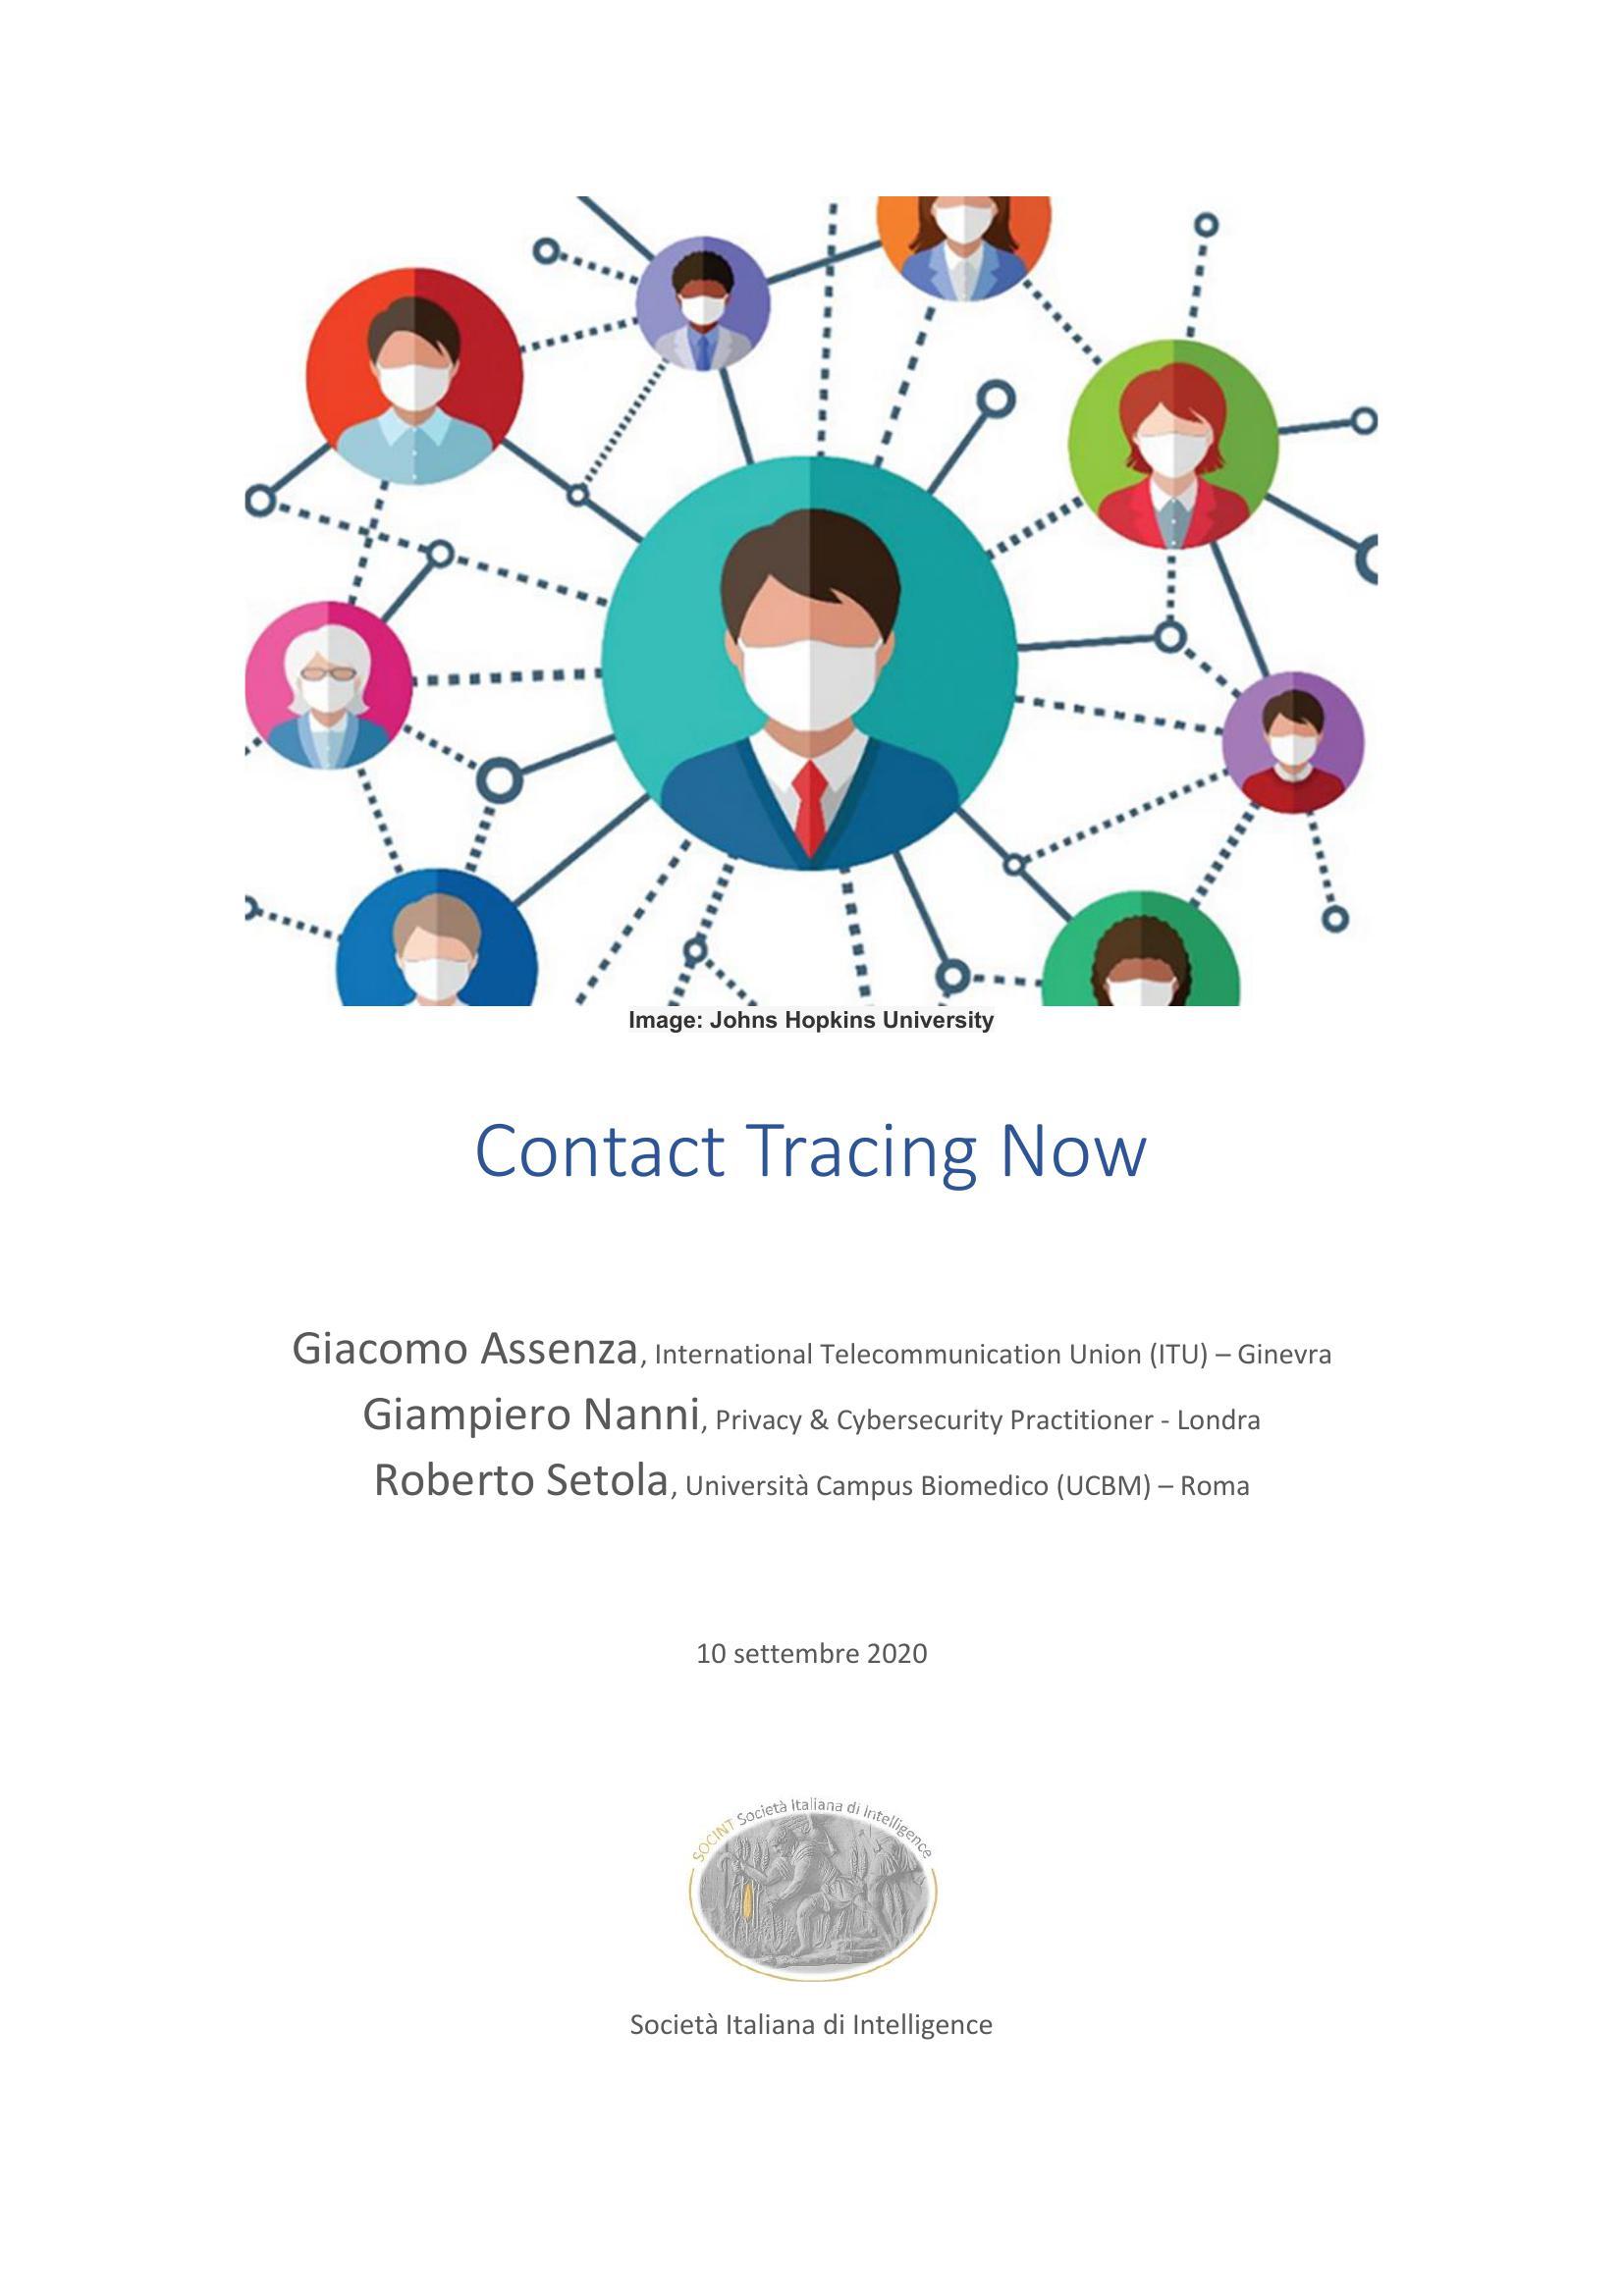 Contact Tracing Now, studio SOCINT sulle applicazioni di tracciamento